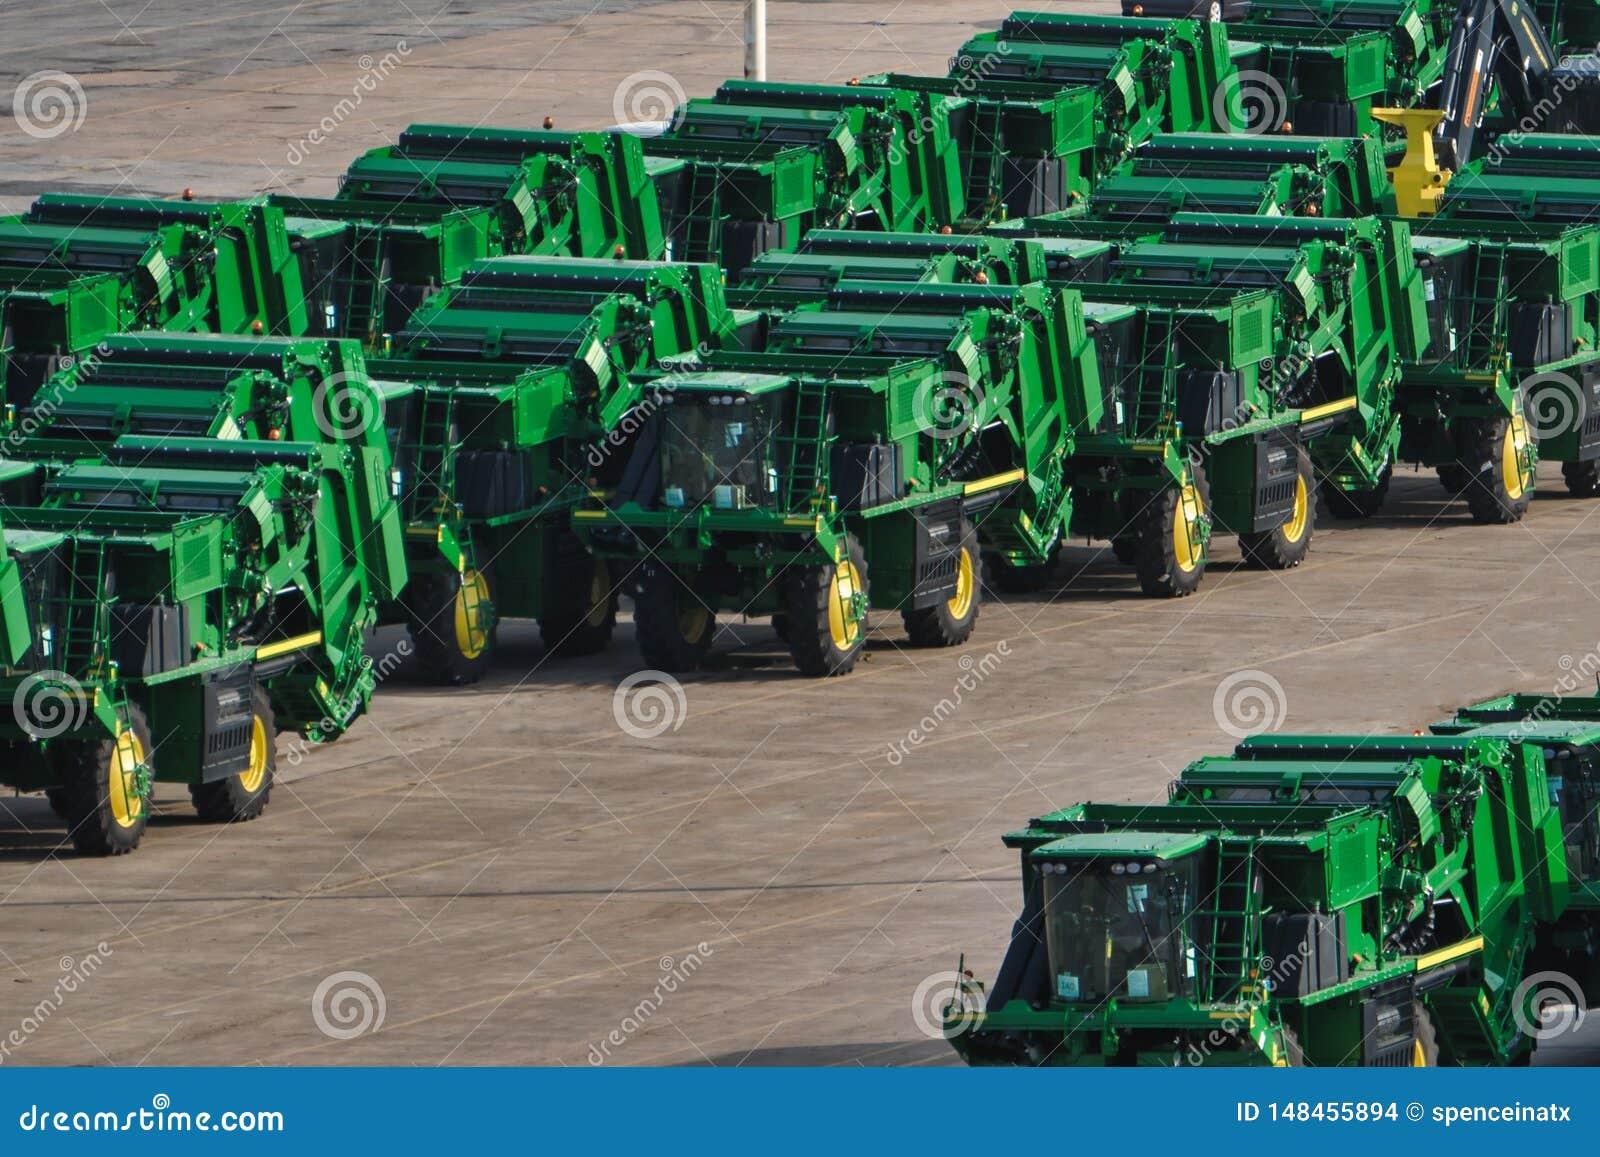 Flota de tractores alineados en una yarda de envío